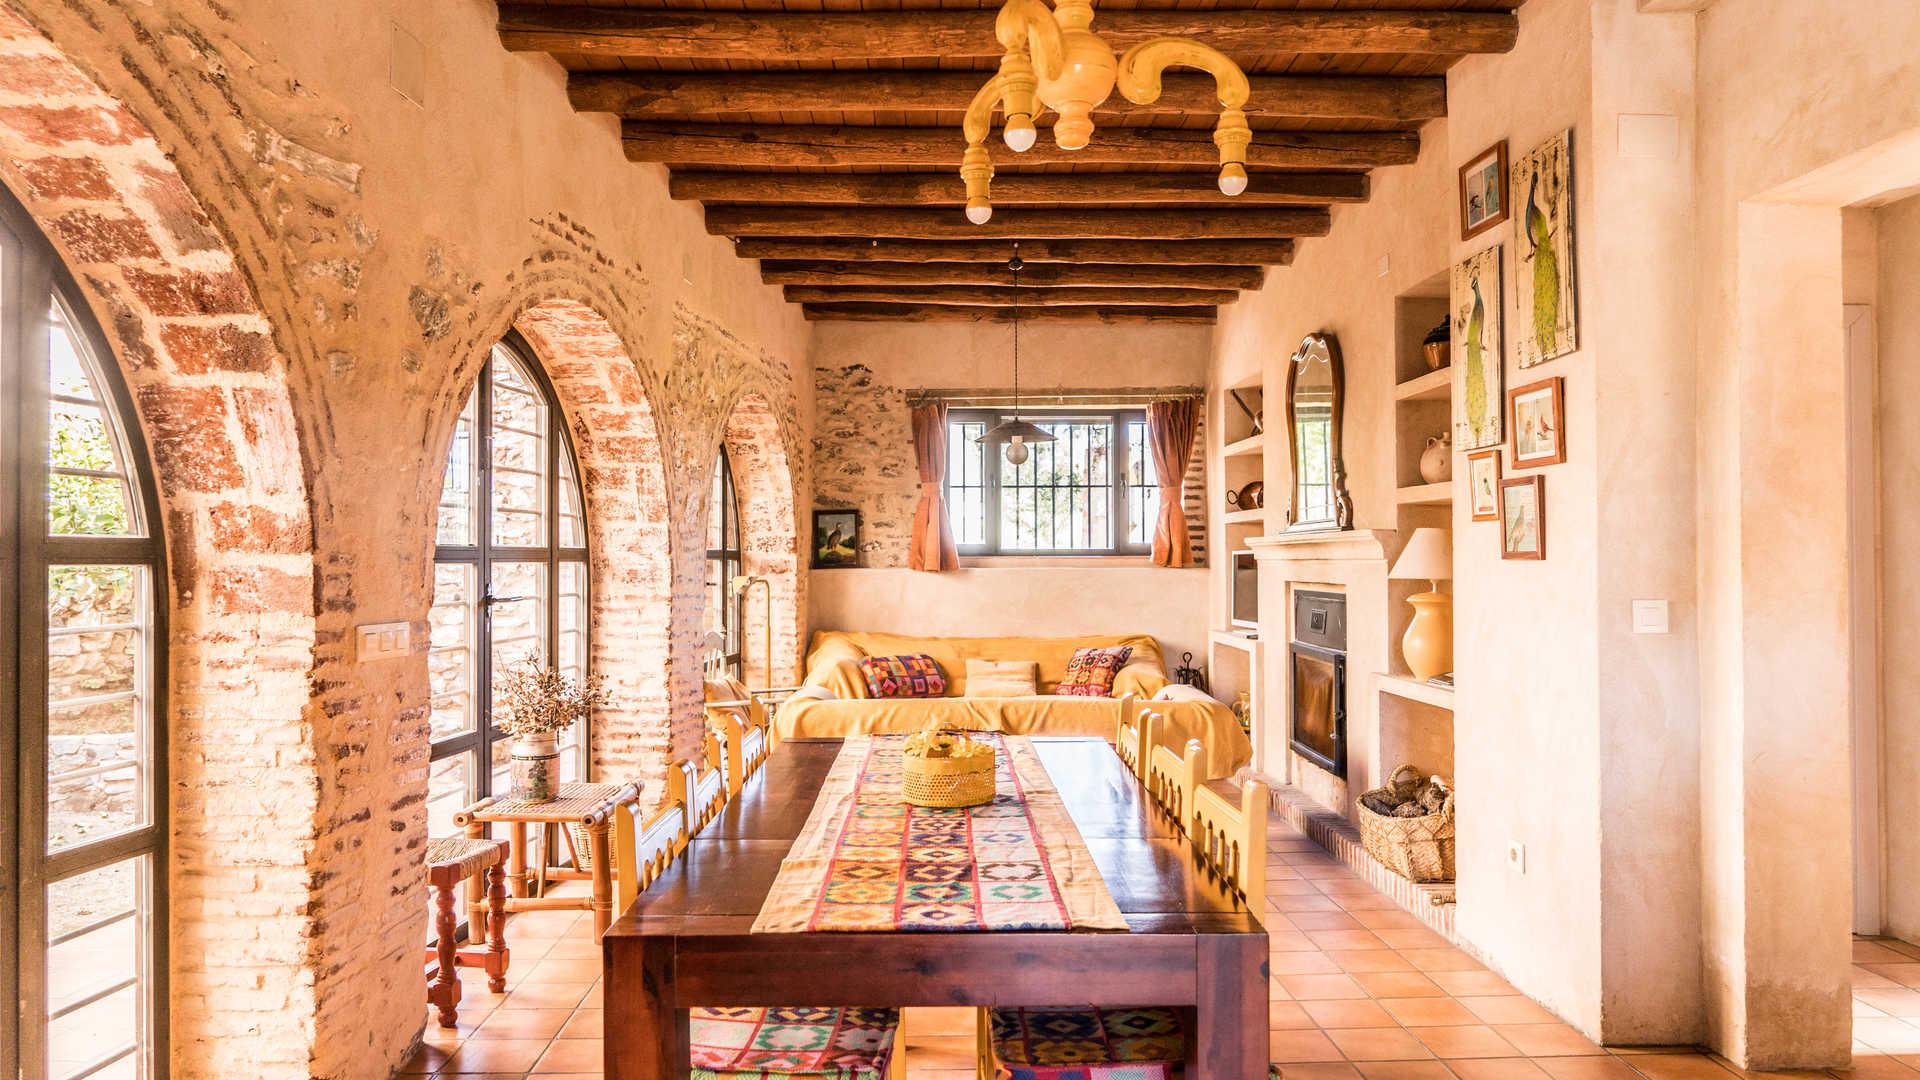 Charming country house lodges in Cazalla de la Sierra